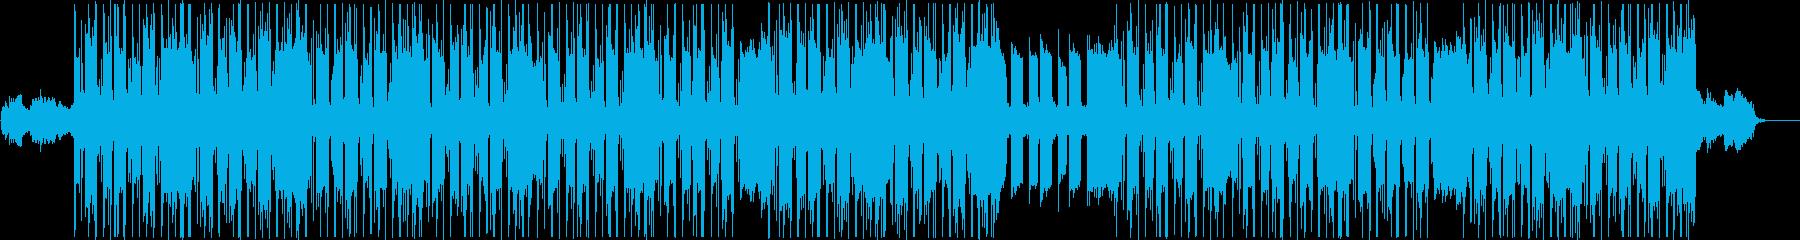 チルアウト、ローファイR&Bトラックの再生済みの波形